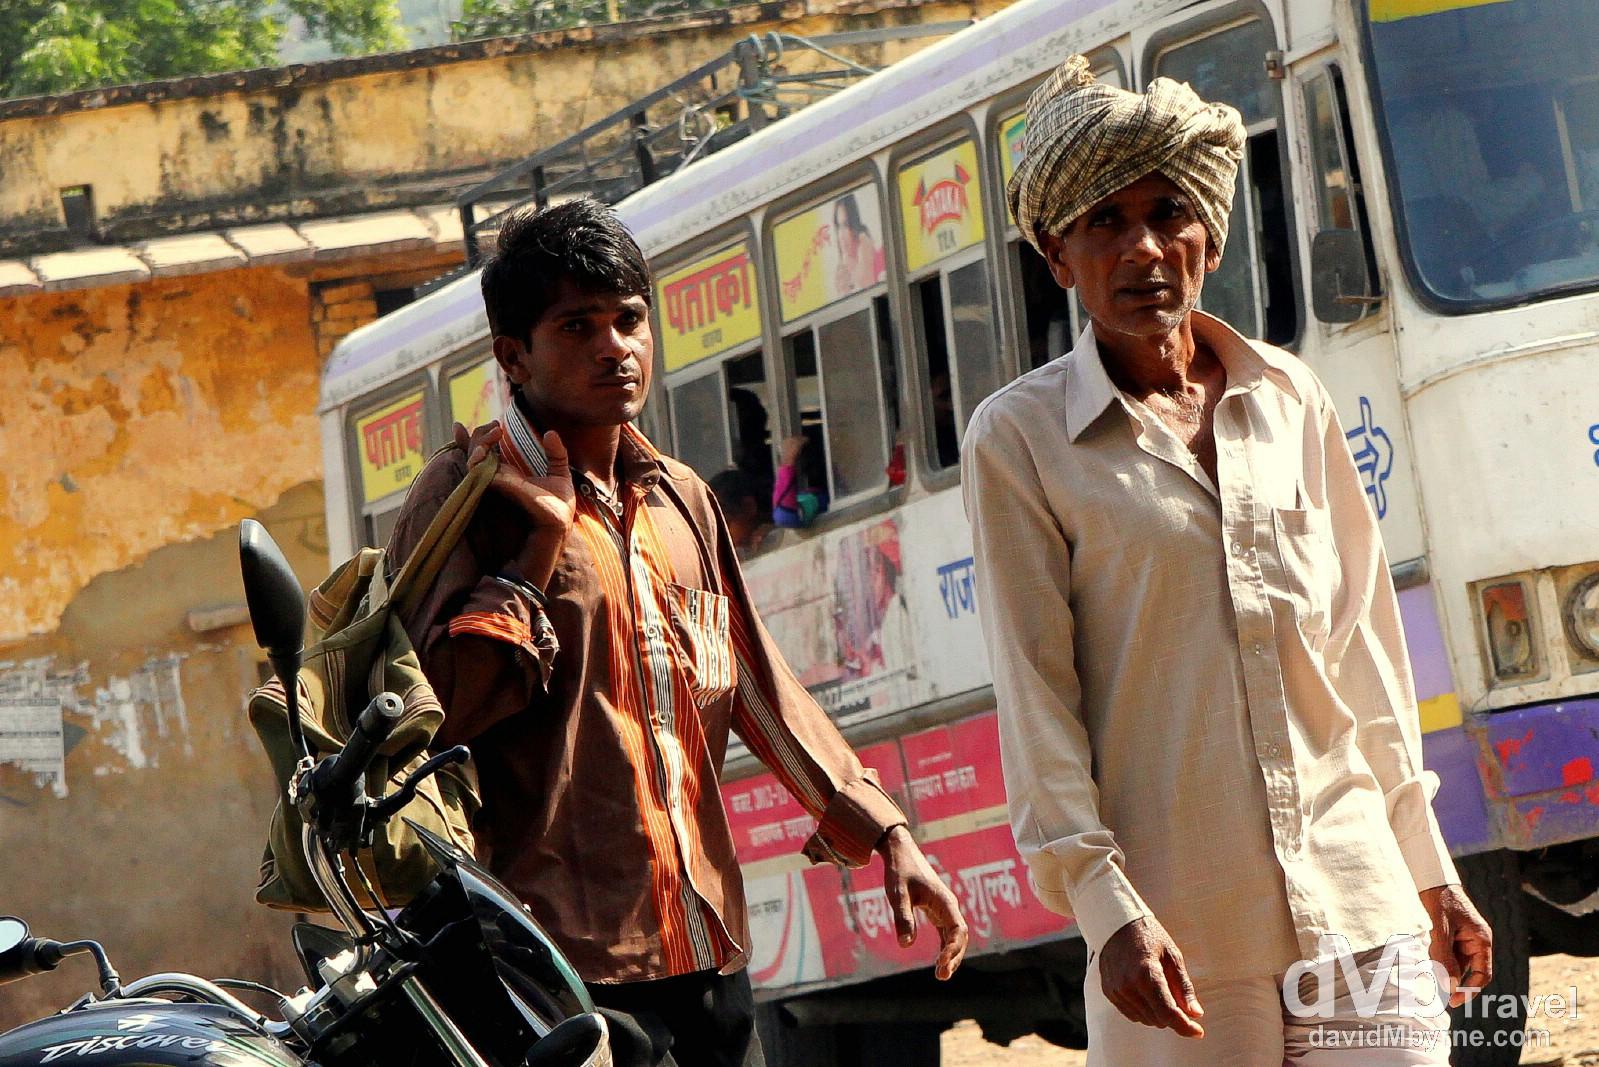 Bundi bus station, Rajasthan, India. October 2nd 2012.